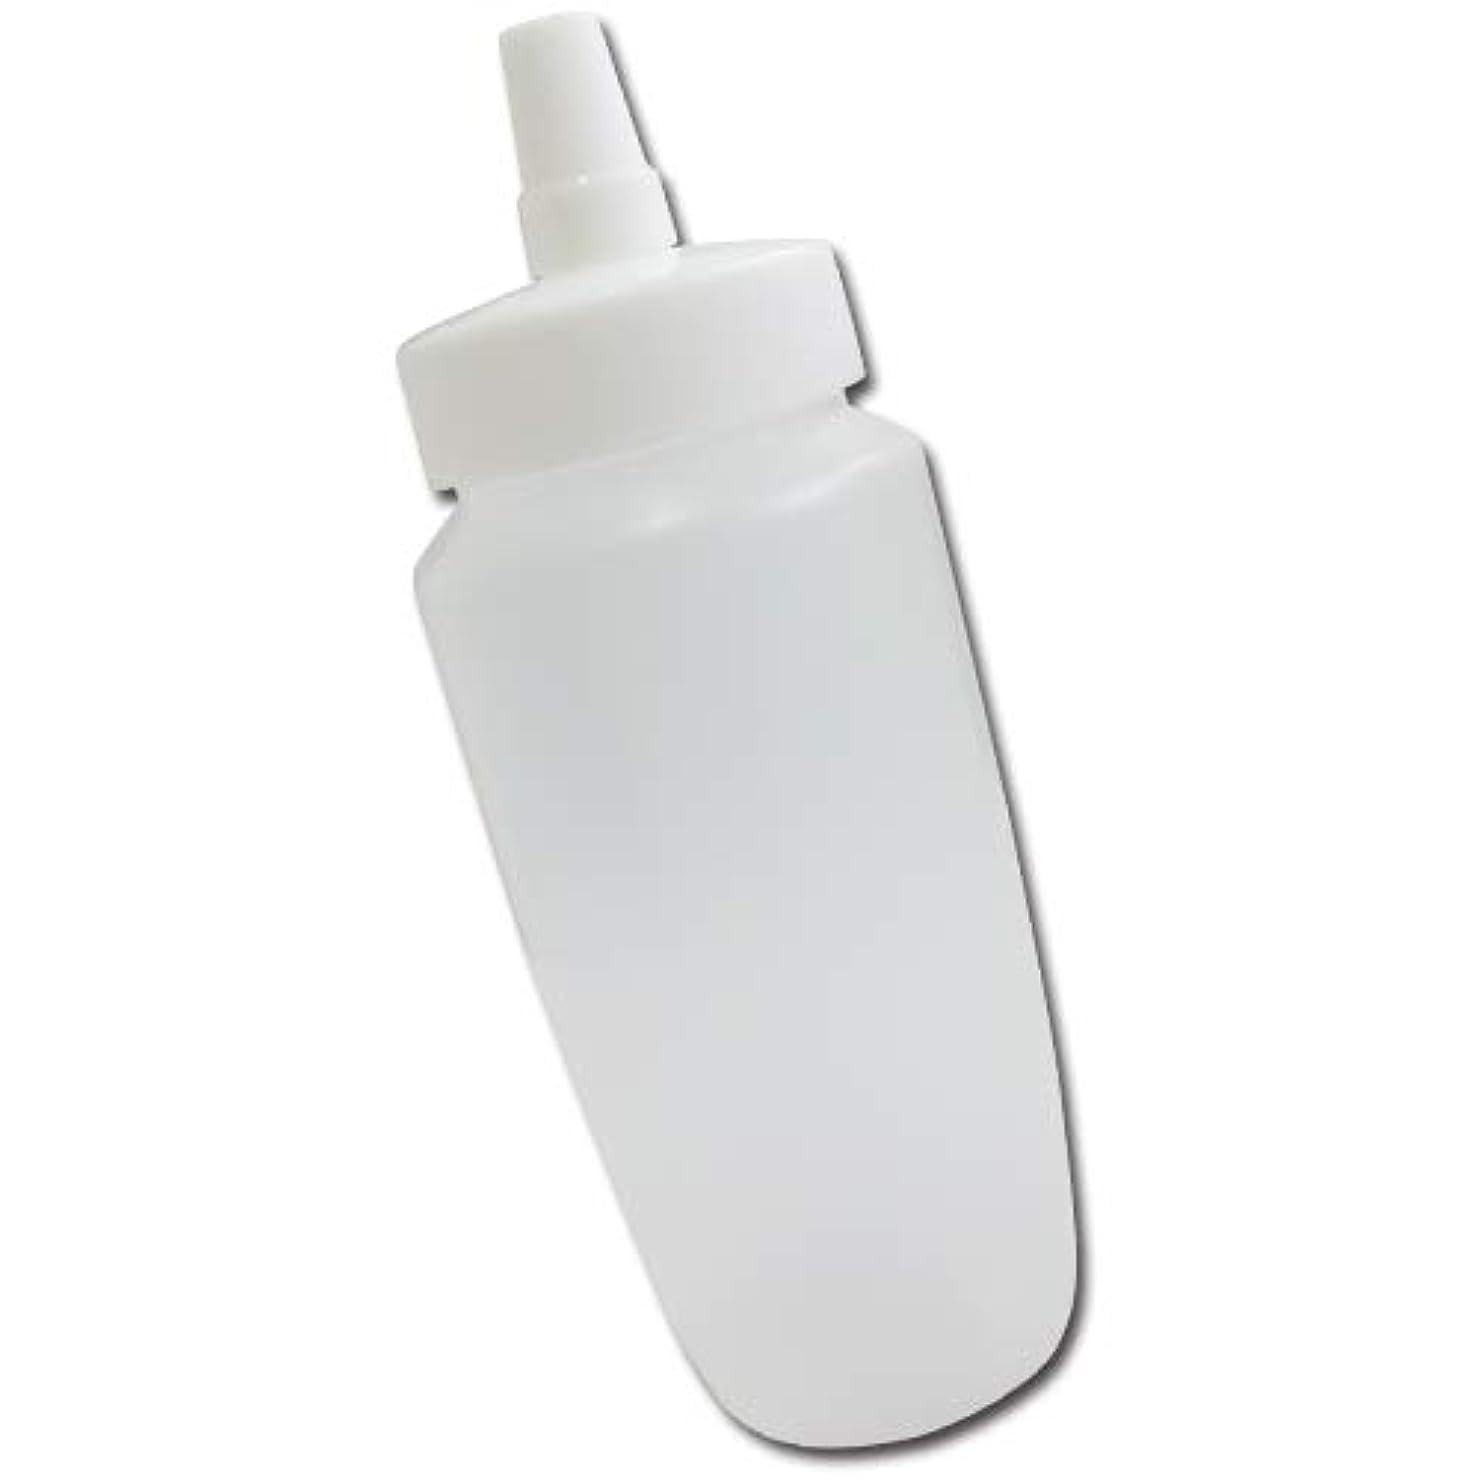 軍隊災難下線はちみつ容器360ml(ホワイトキャップ)│業務用ローションや調味料の小分けに詰め替え用ハチミツ容器(蜂蜜容器)はちみつボトル